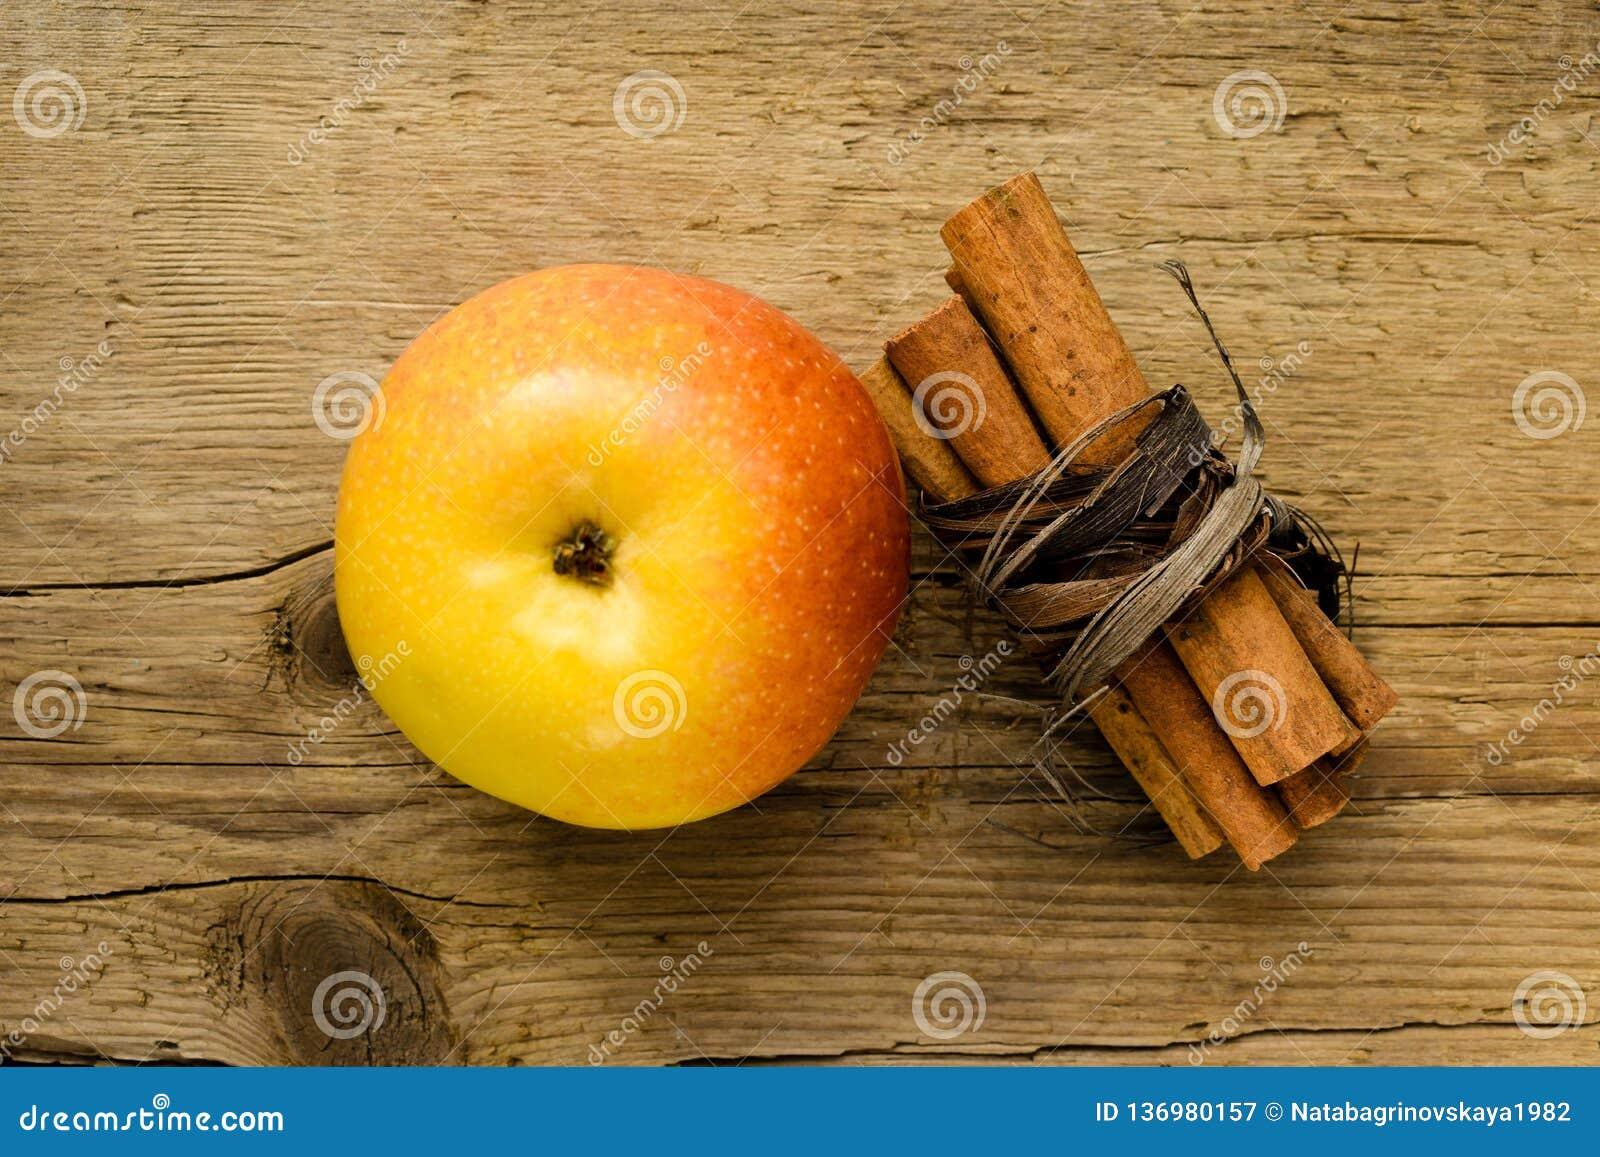 Zimtstangen und Apfel auf Holztischbestandteil